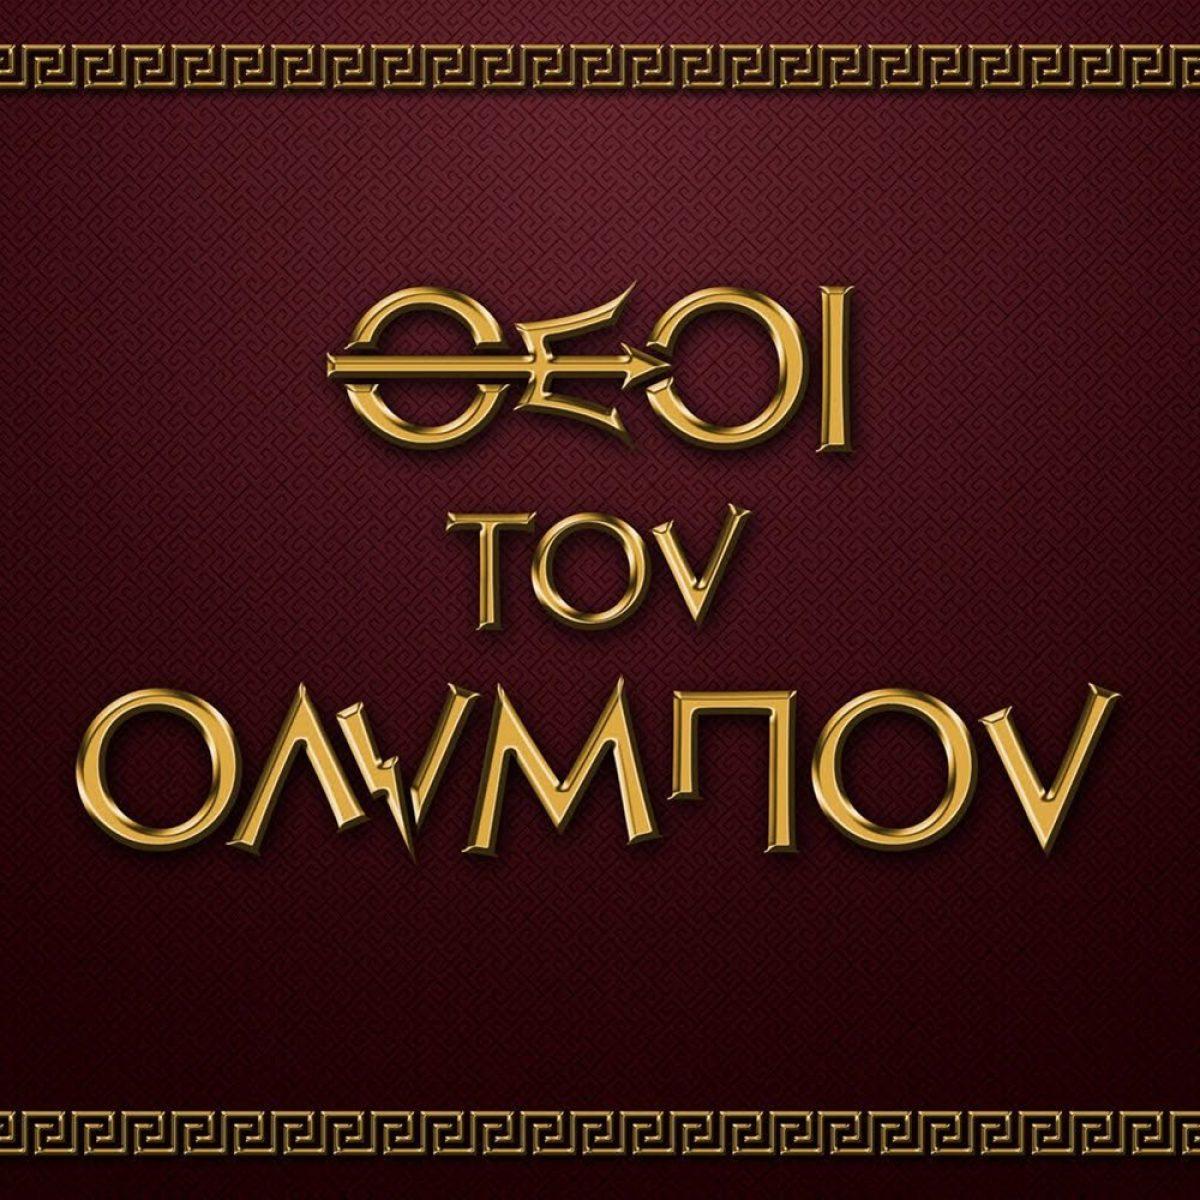 Έρχεται στη ΔΕΘ το μεγαλύτερο μυθολογικό θεματικό πάρκο που έγινε ποτέ στην Ελλάδα!